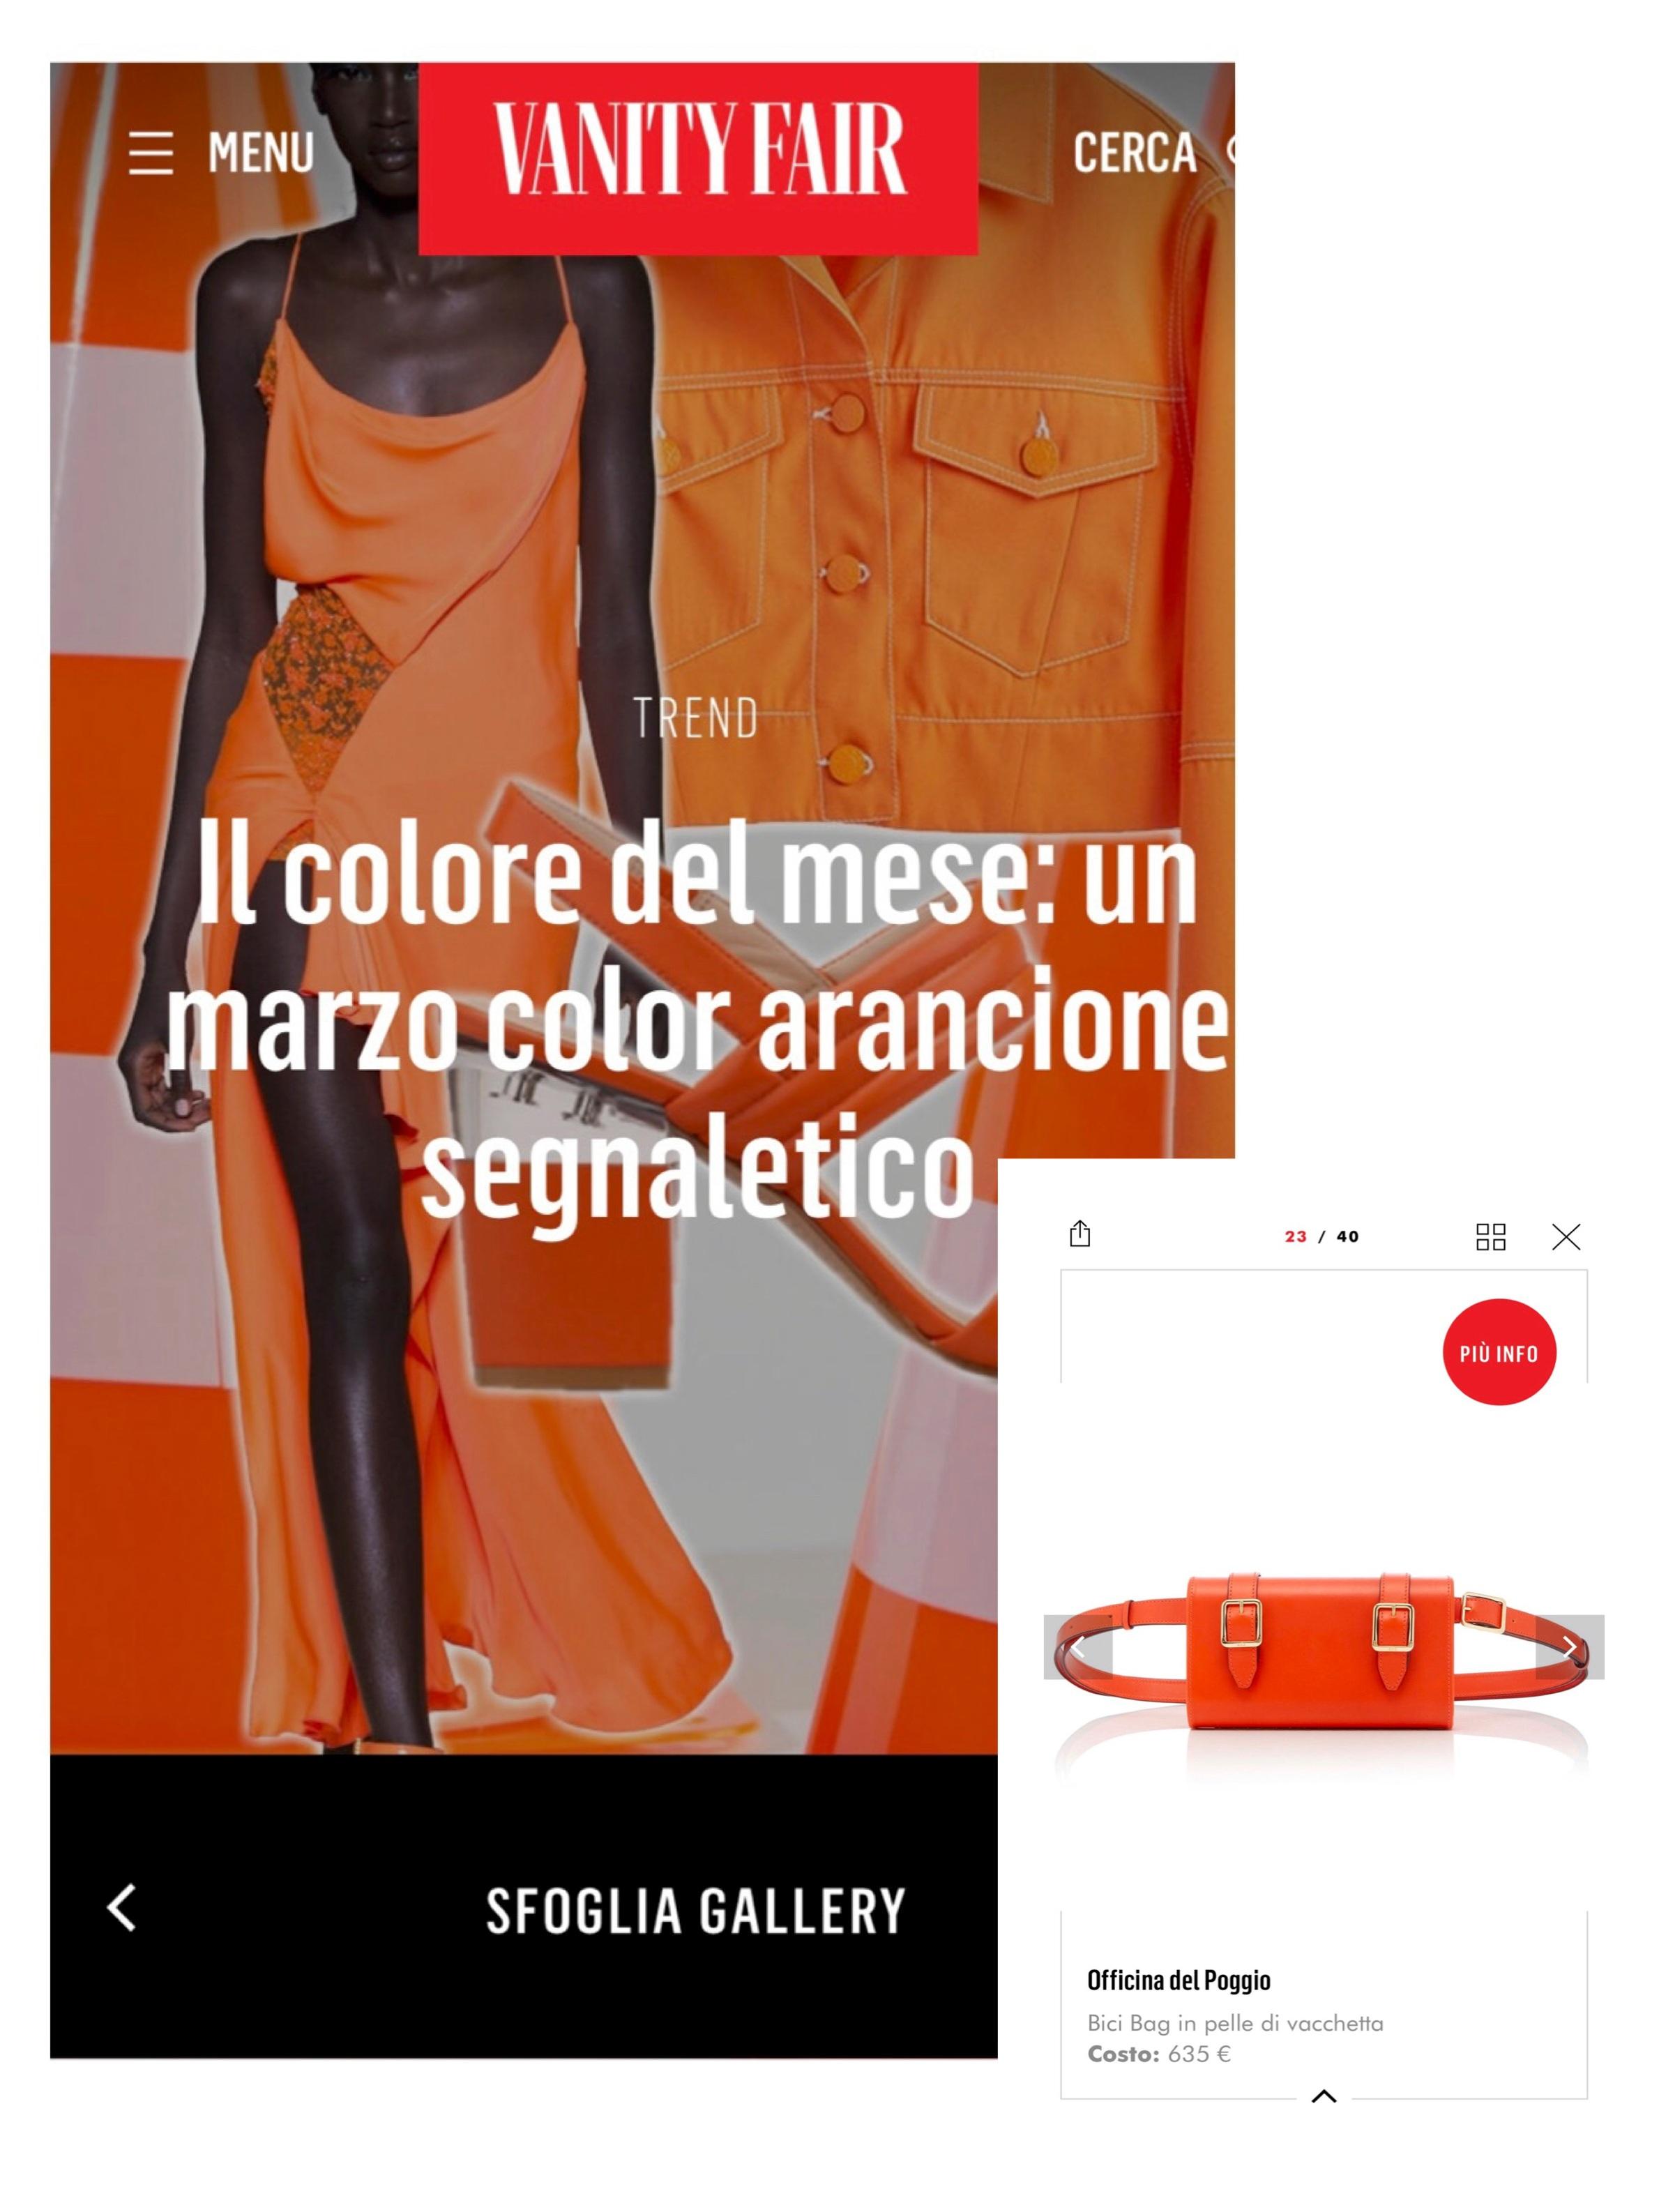 VANITY_FAIR_ODP_Officina_del_Poggio_Belt_Bag.jpg